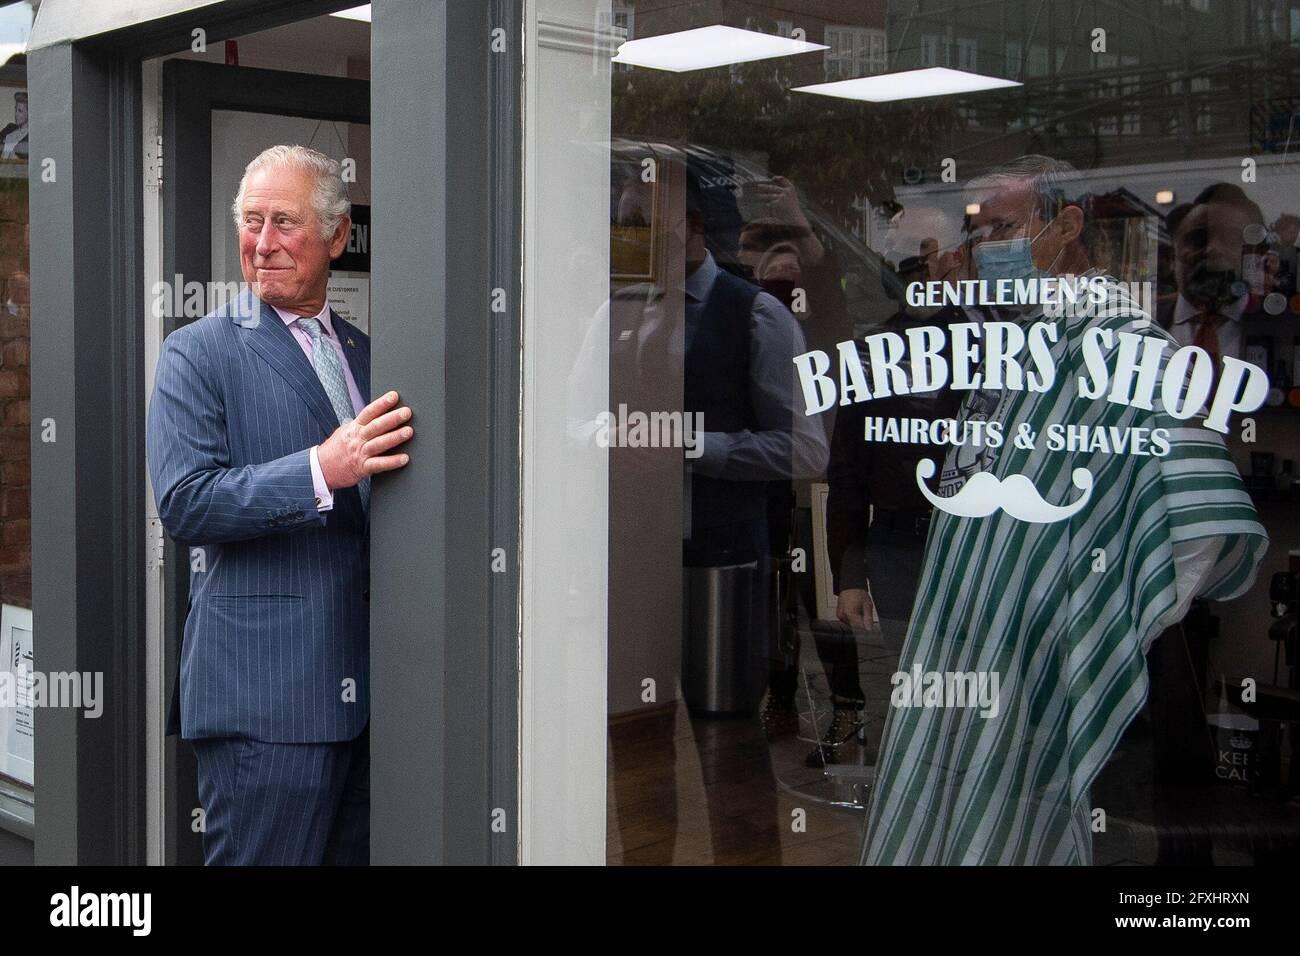 Il Principe del Galles si trova all'ingresso di un negozio di barbiere, mentre il Principe del Galles e la Duchessa di Cornovaglia visitano la Citta' Vecchia di Clapham a Londra per celebrare il settore delle strade e dei negozi al dettaglio come negozi non essenziali riaperti e le restrizioni di Coronavirus sono facili. Data immagine: Giovedì 27 maggio 2021. Foto Stock